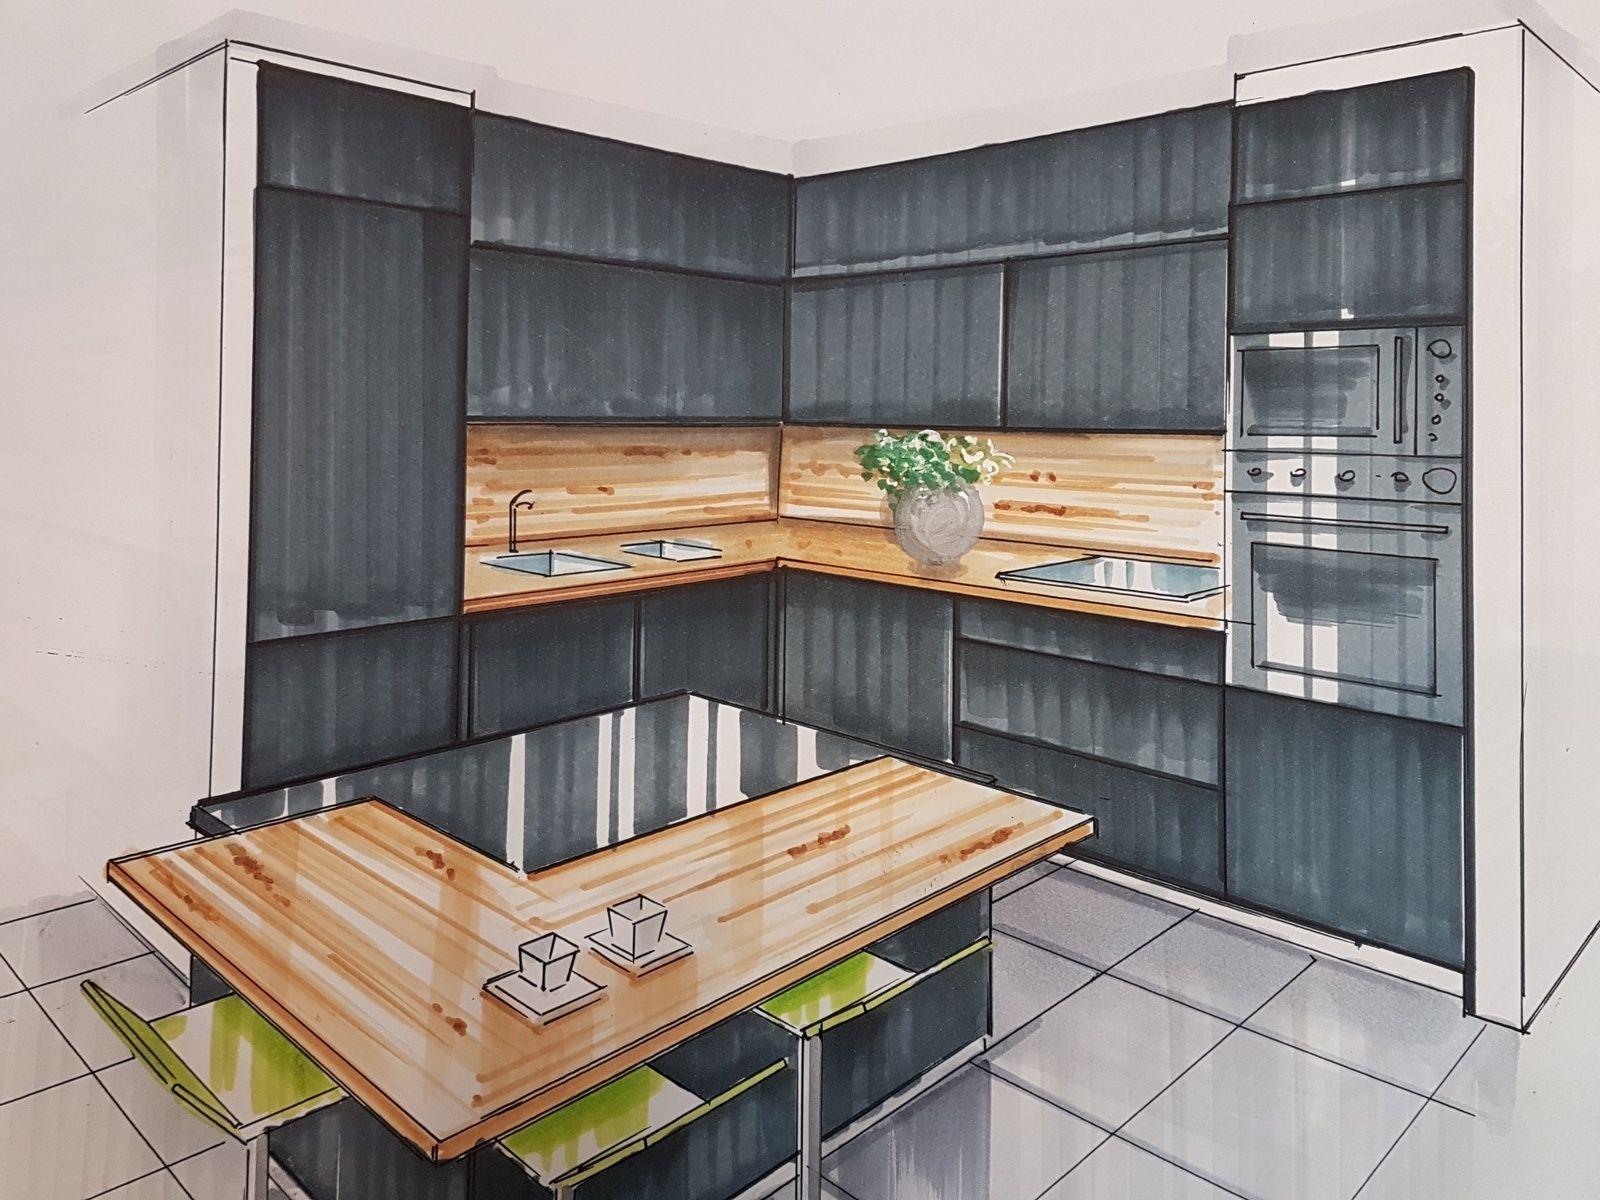 Cuisine Noire Blog D 39 Elise Fossoux Deco En 2020 Cuisine Noire Meuble Cuisine Cuisine Blanche Et Bois